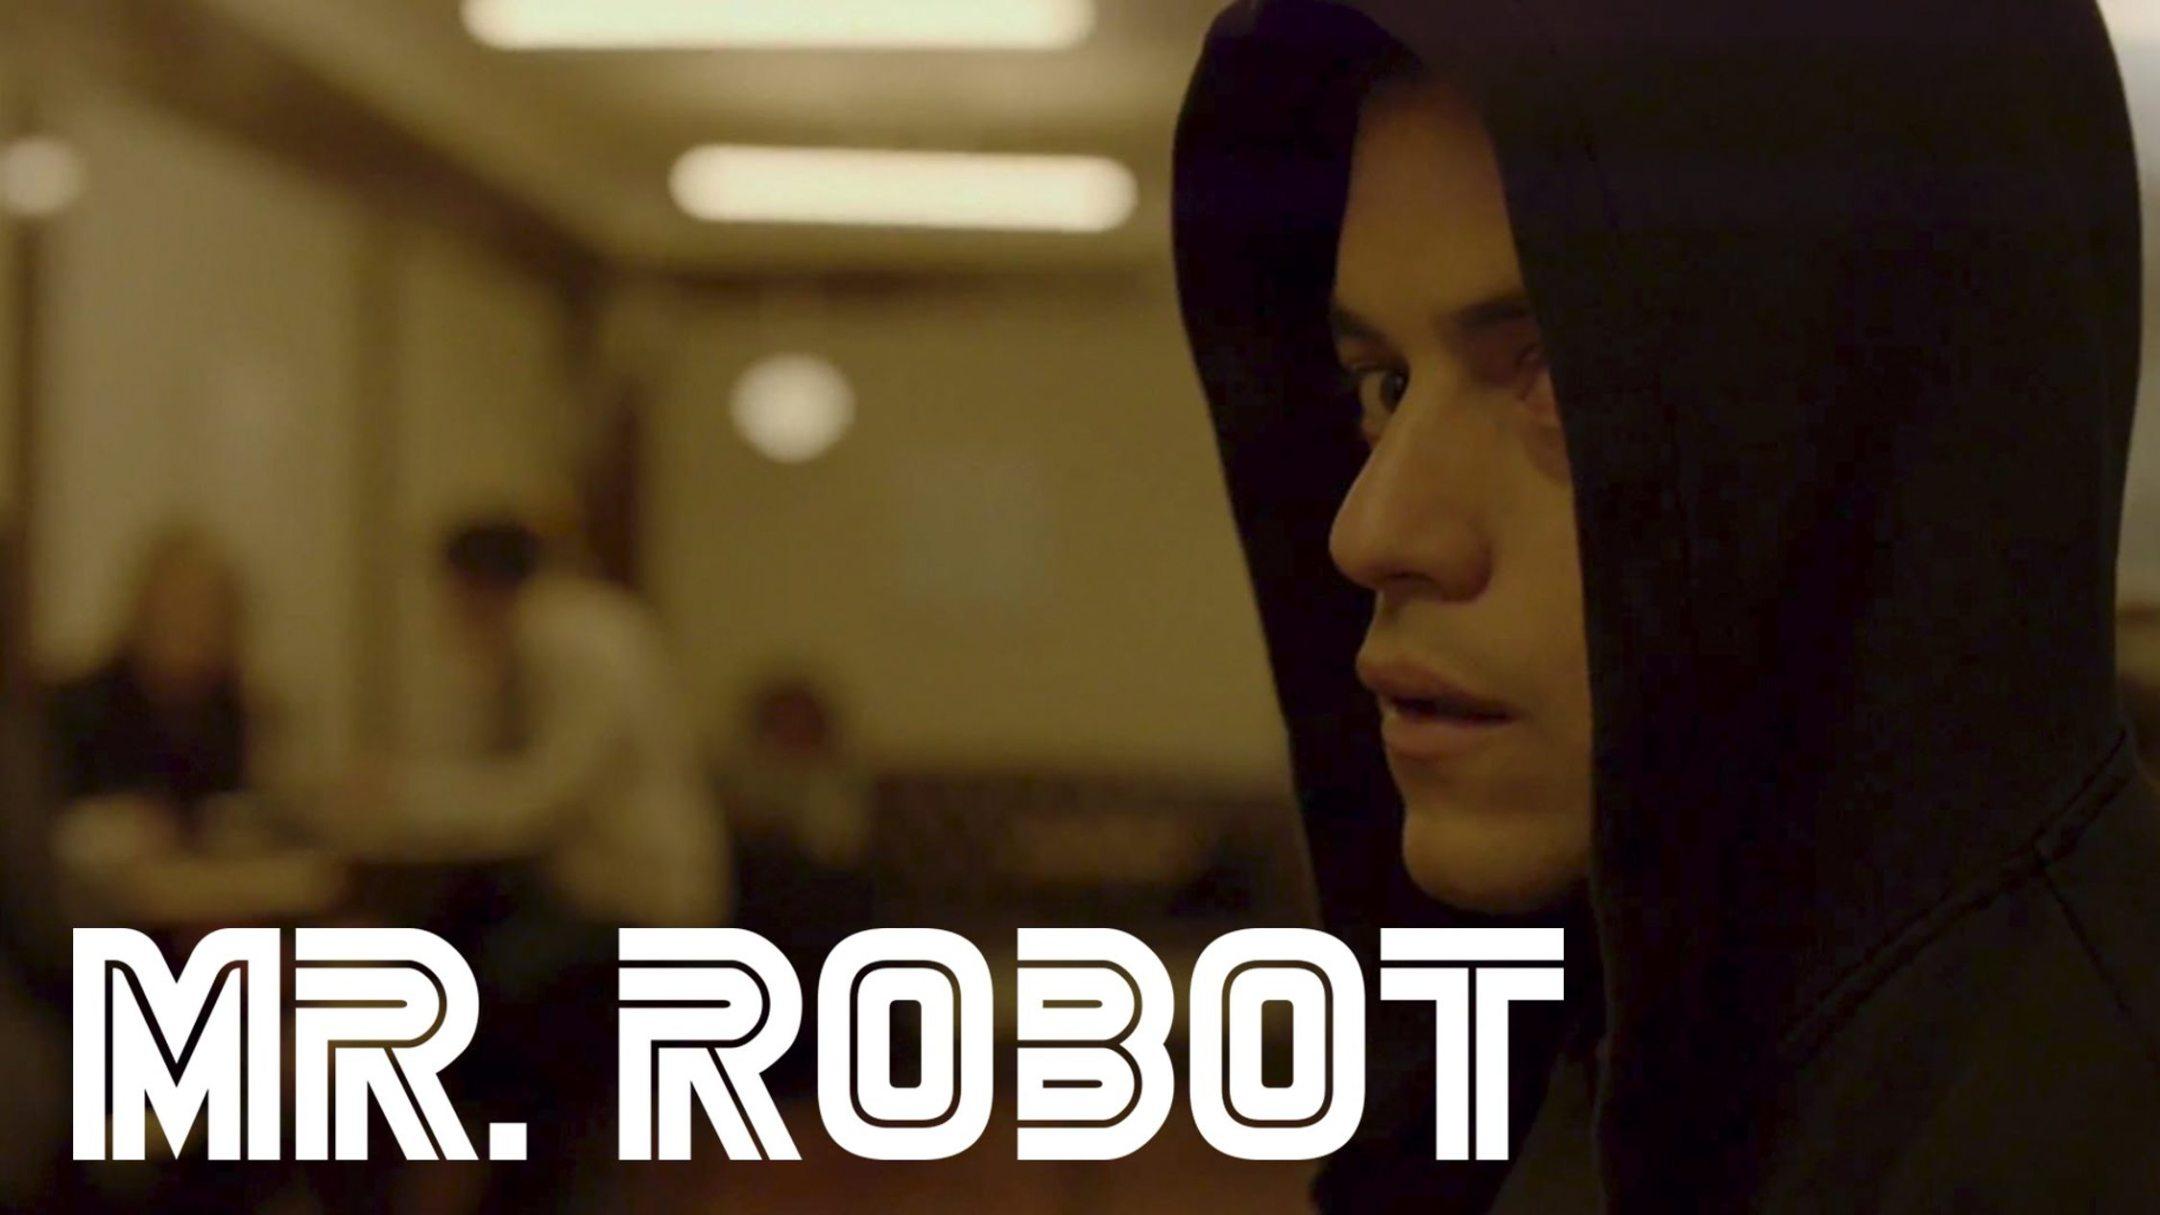 Mr. Robot (1920 x 1080) VoicesFILM.com